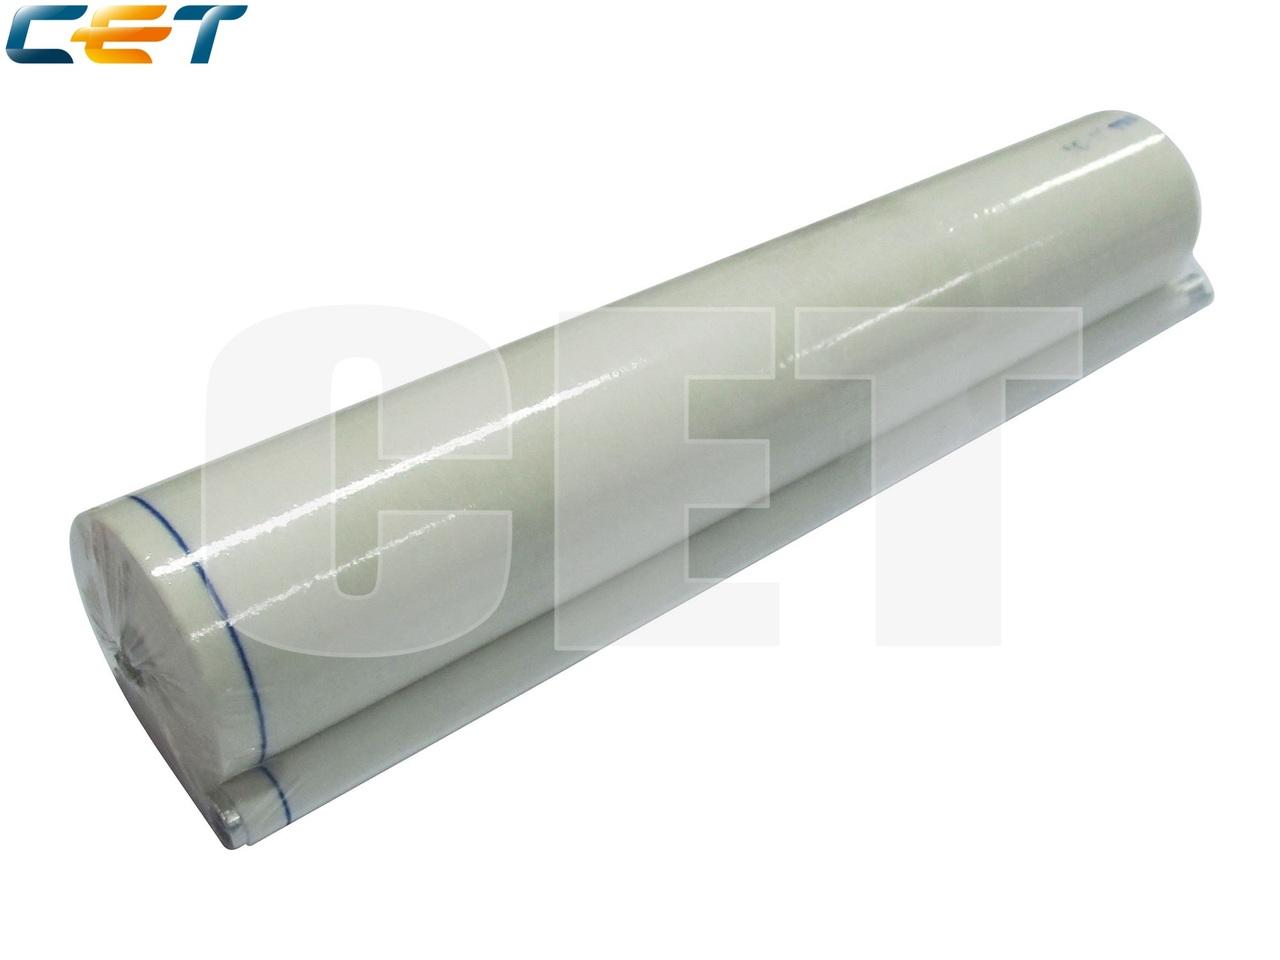 Чистящая лента фьюзера NROLN1665FCZ1 для SHARPMX-M850/M950/M1100 (CET), CET7613